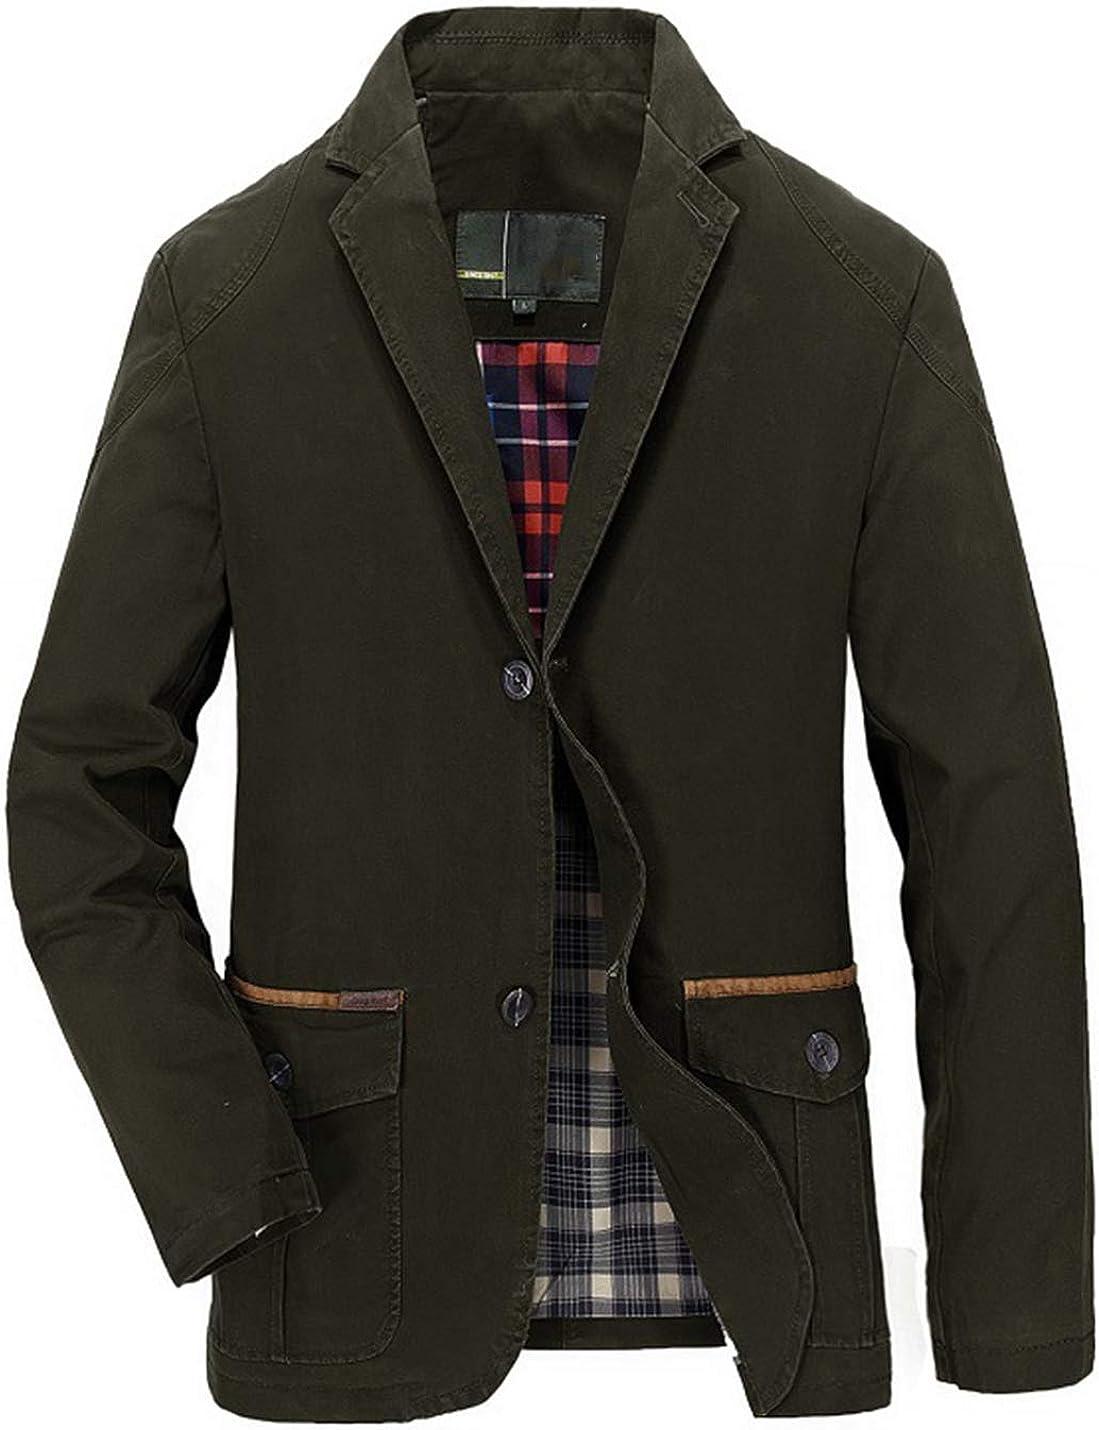 PAODIKUAI Men's Slim Fit Two Button Blazer Casual Suit Jacket Cotton Sport Coat